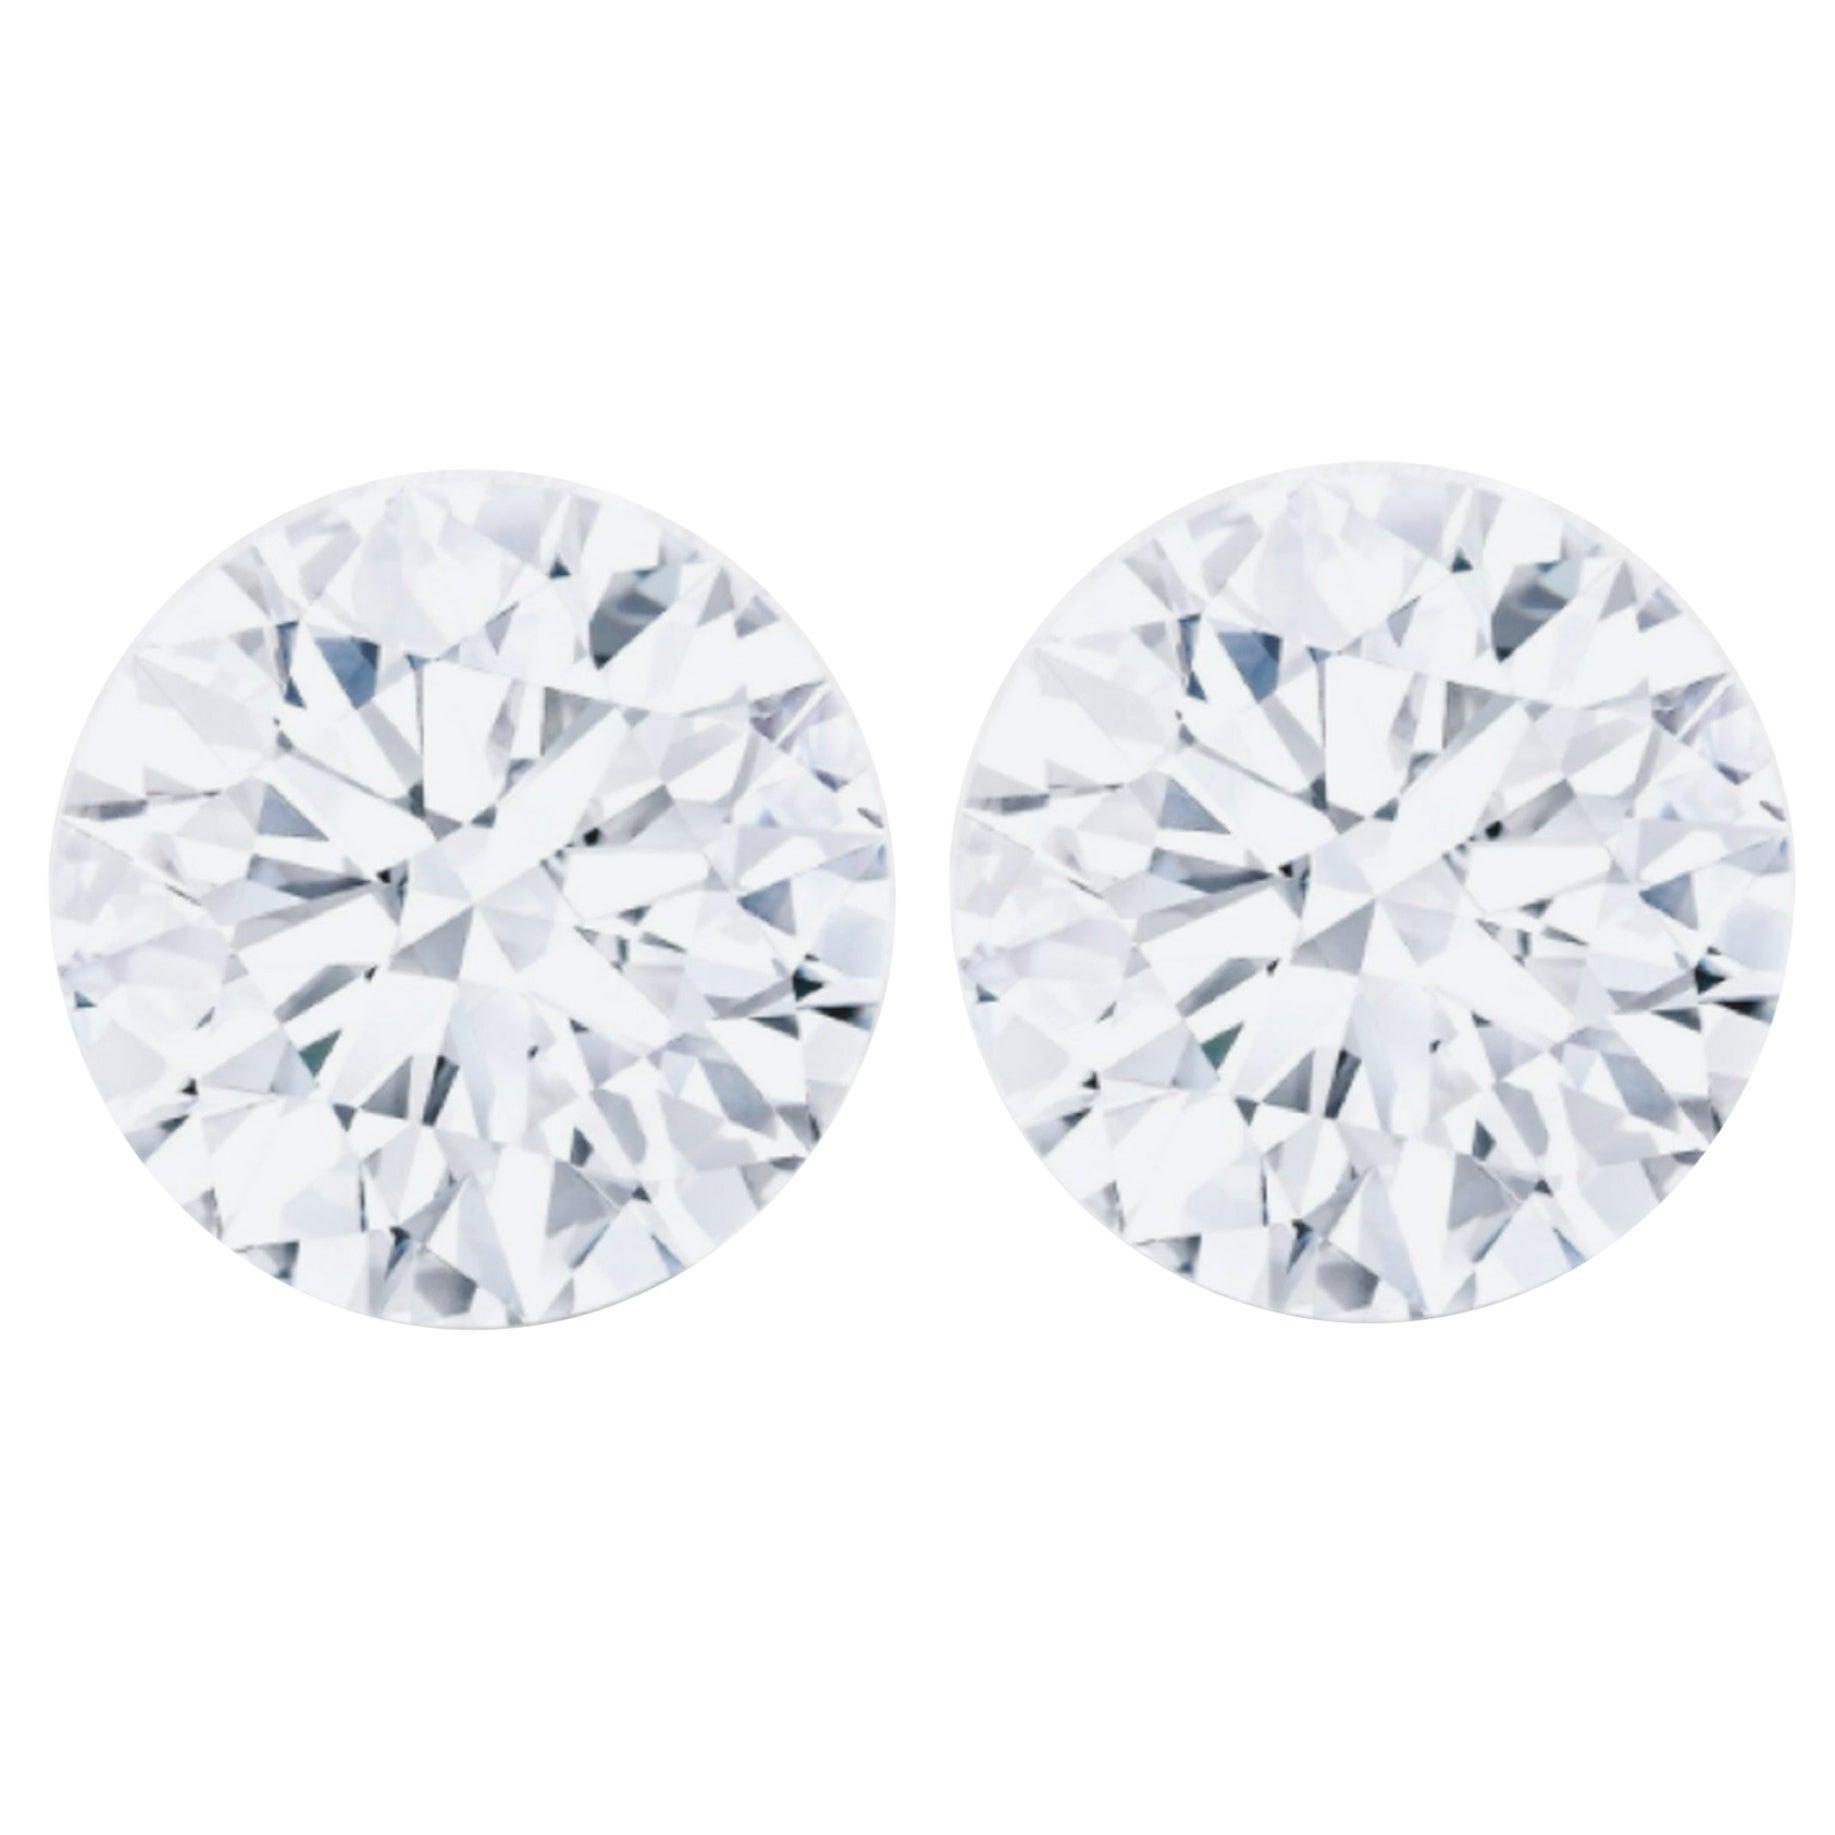 GIA Certified 3.00 Carat Brilliant Cut Diamond Studs E Color VVS2 Clarity